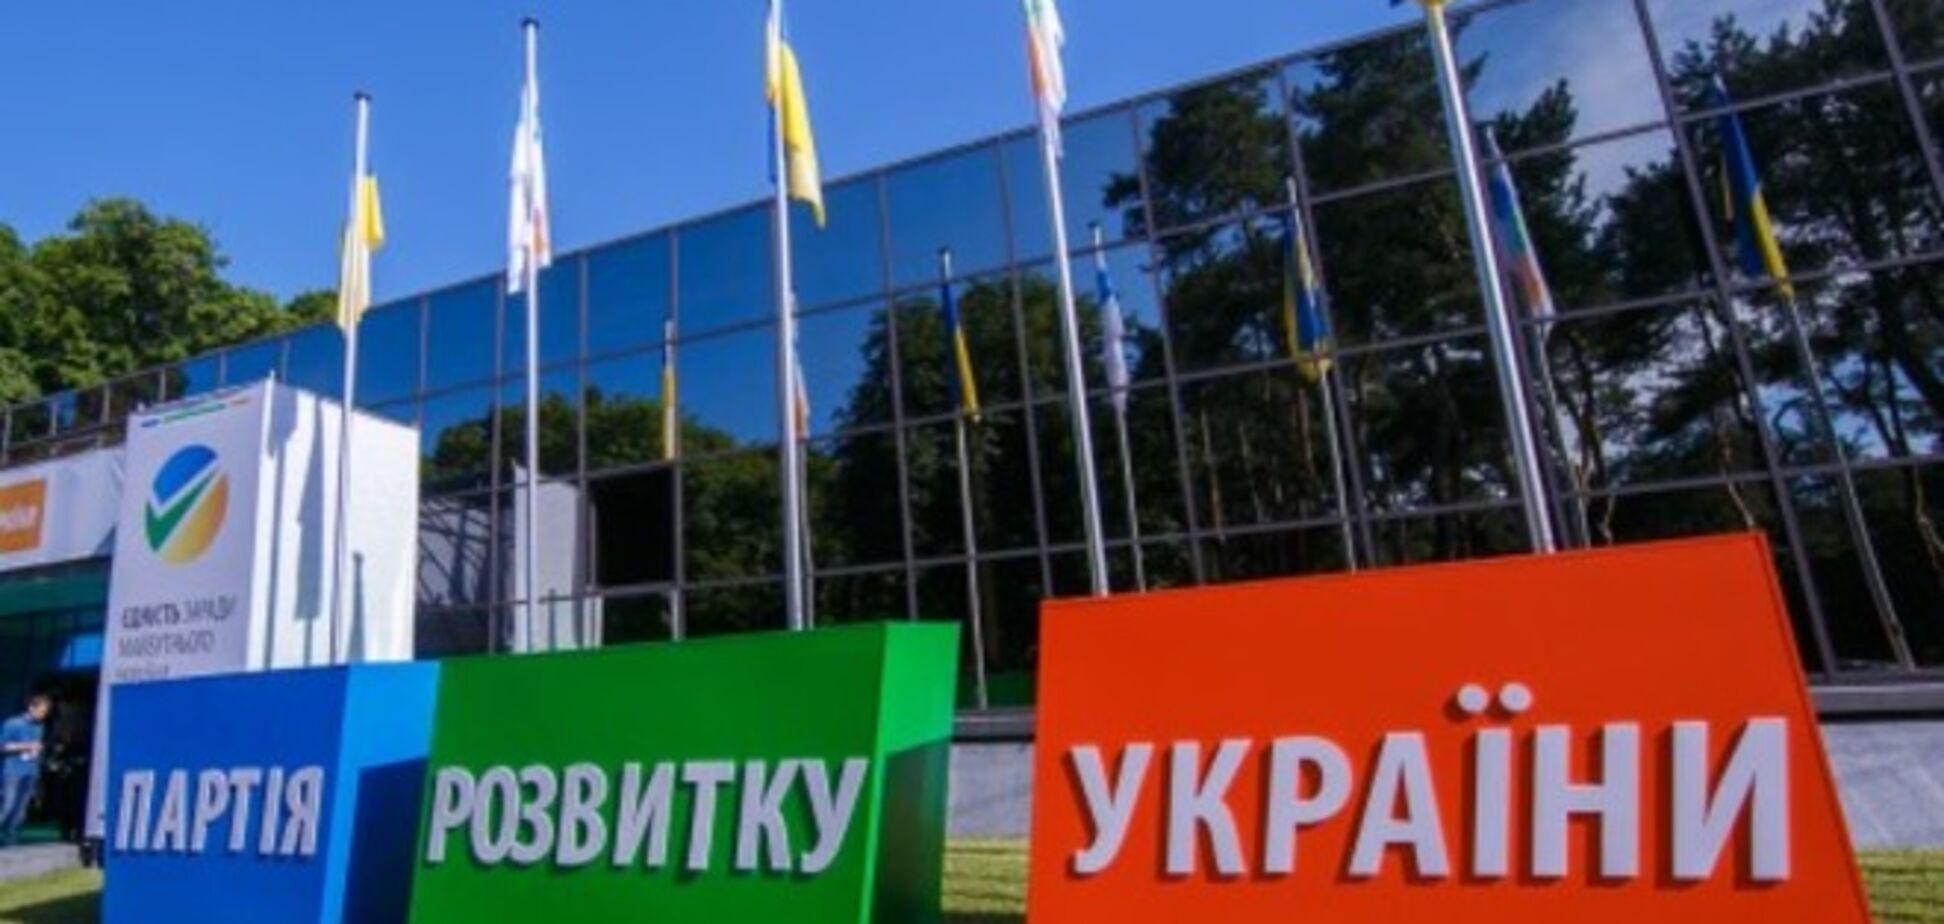 Оппозиция не планирует сегодня обнародовать список на выборы